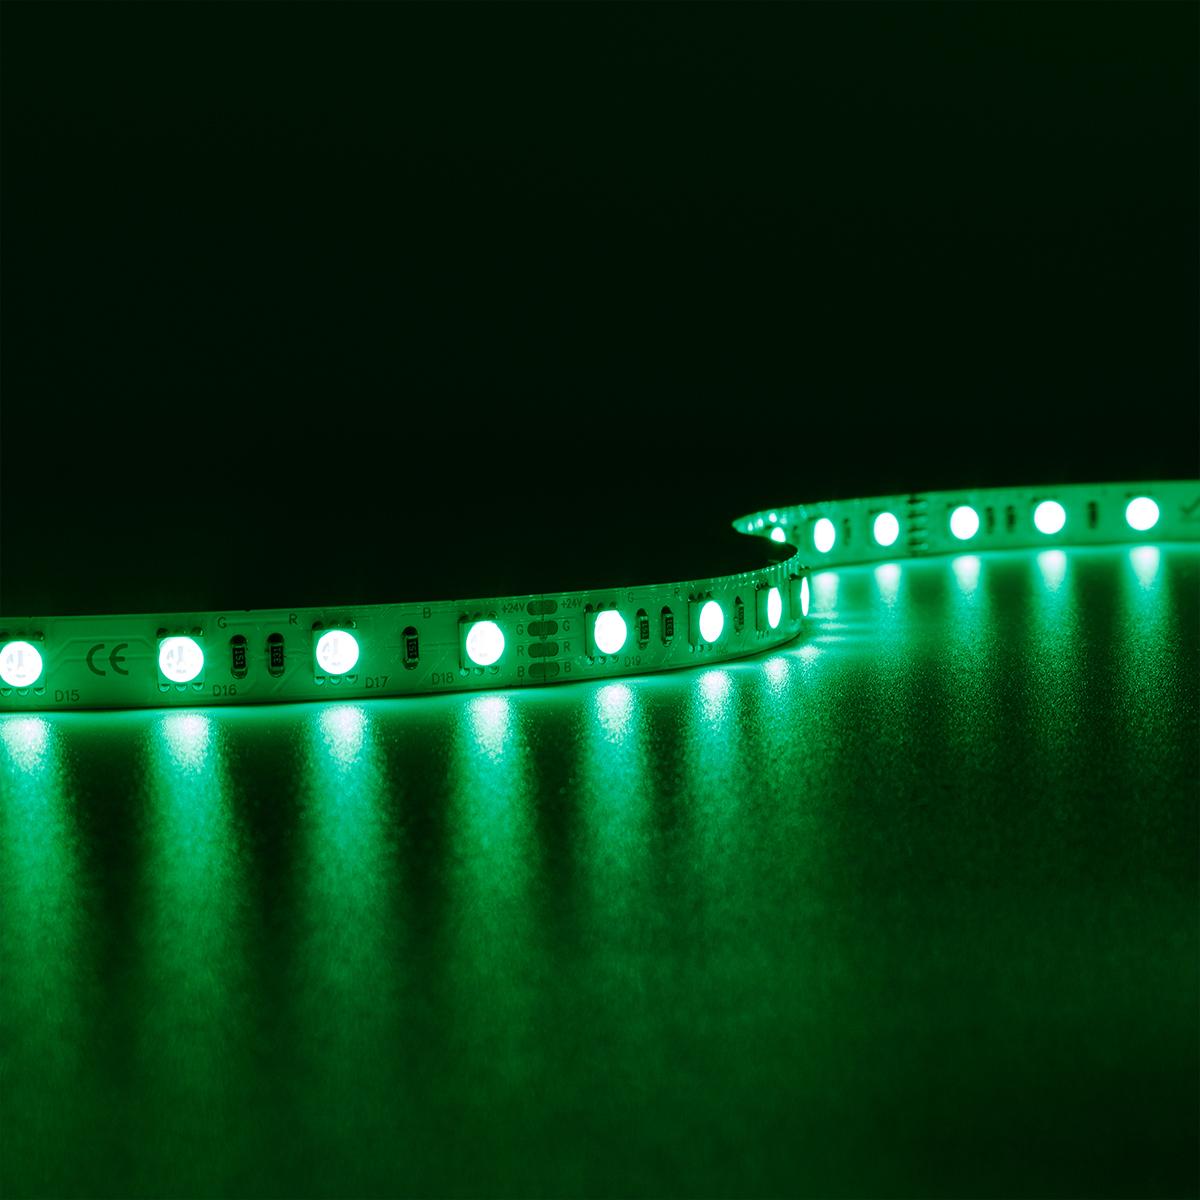 Strip RGB 24V LED Streifen 5M 14,4W/m 60LED/m 10mm IP20 Farbwechsel